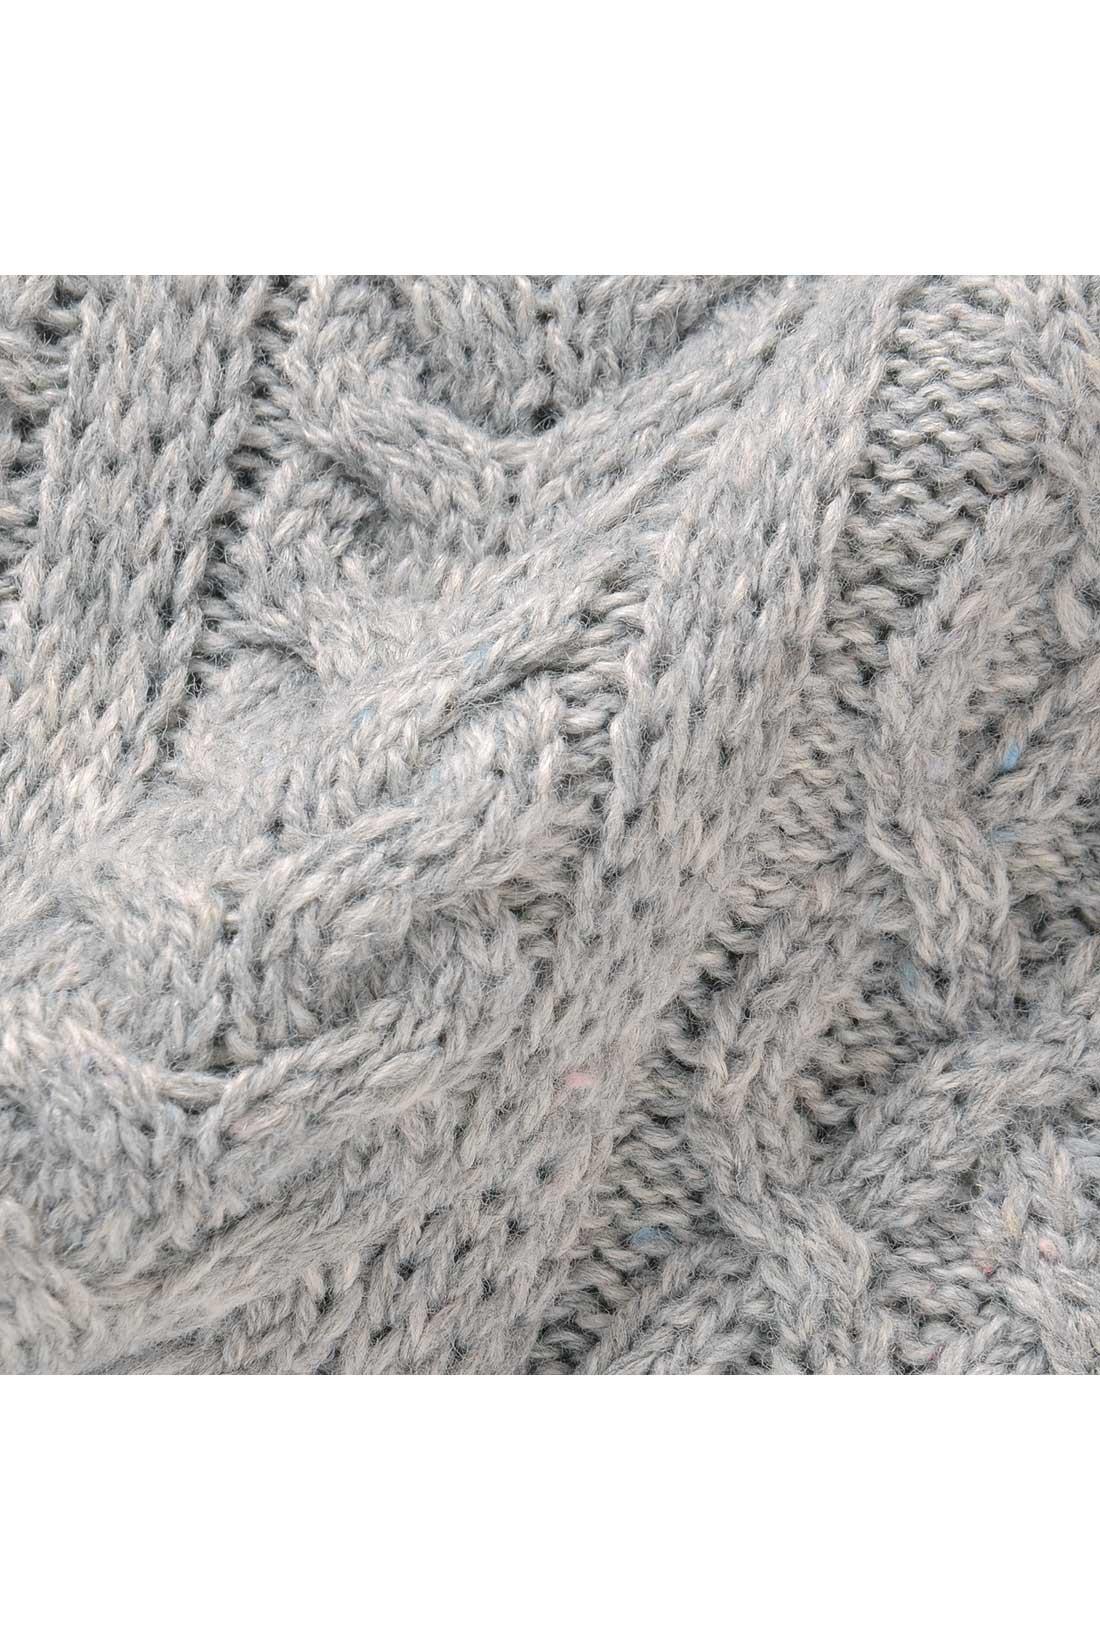 表情豊かなネップ入りの糸でざっくりと編み上げました。